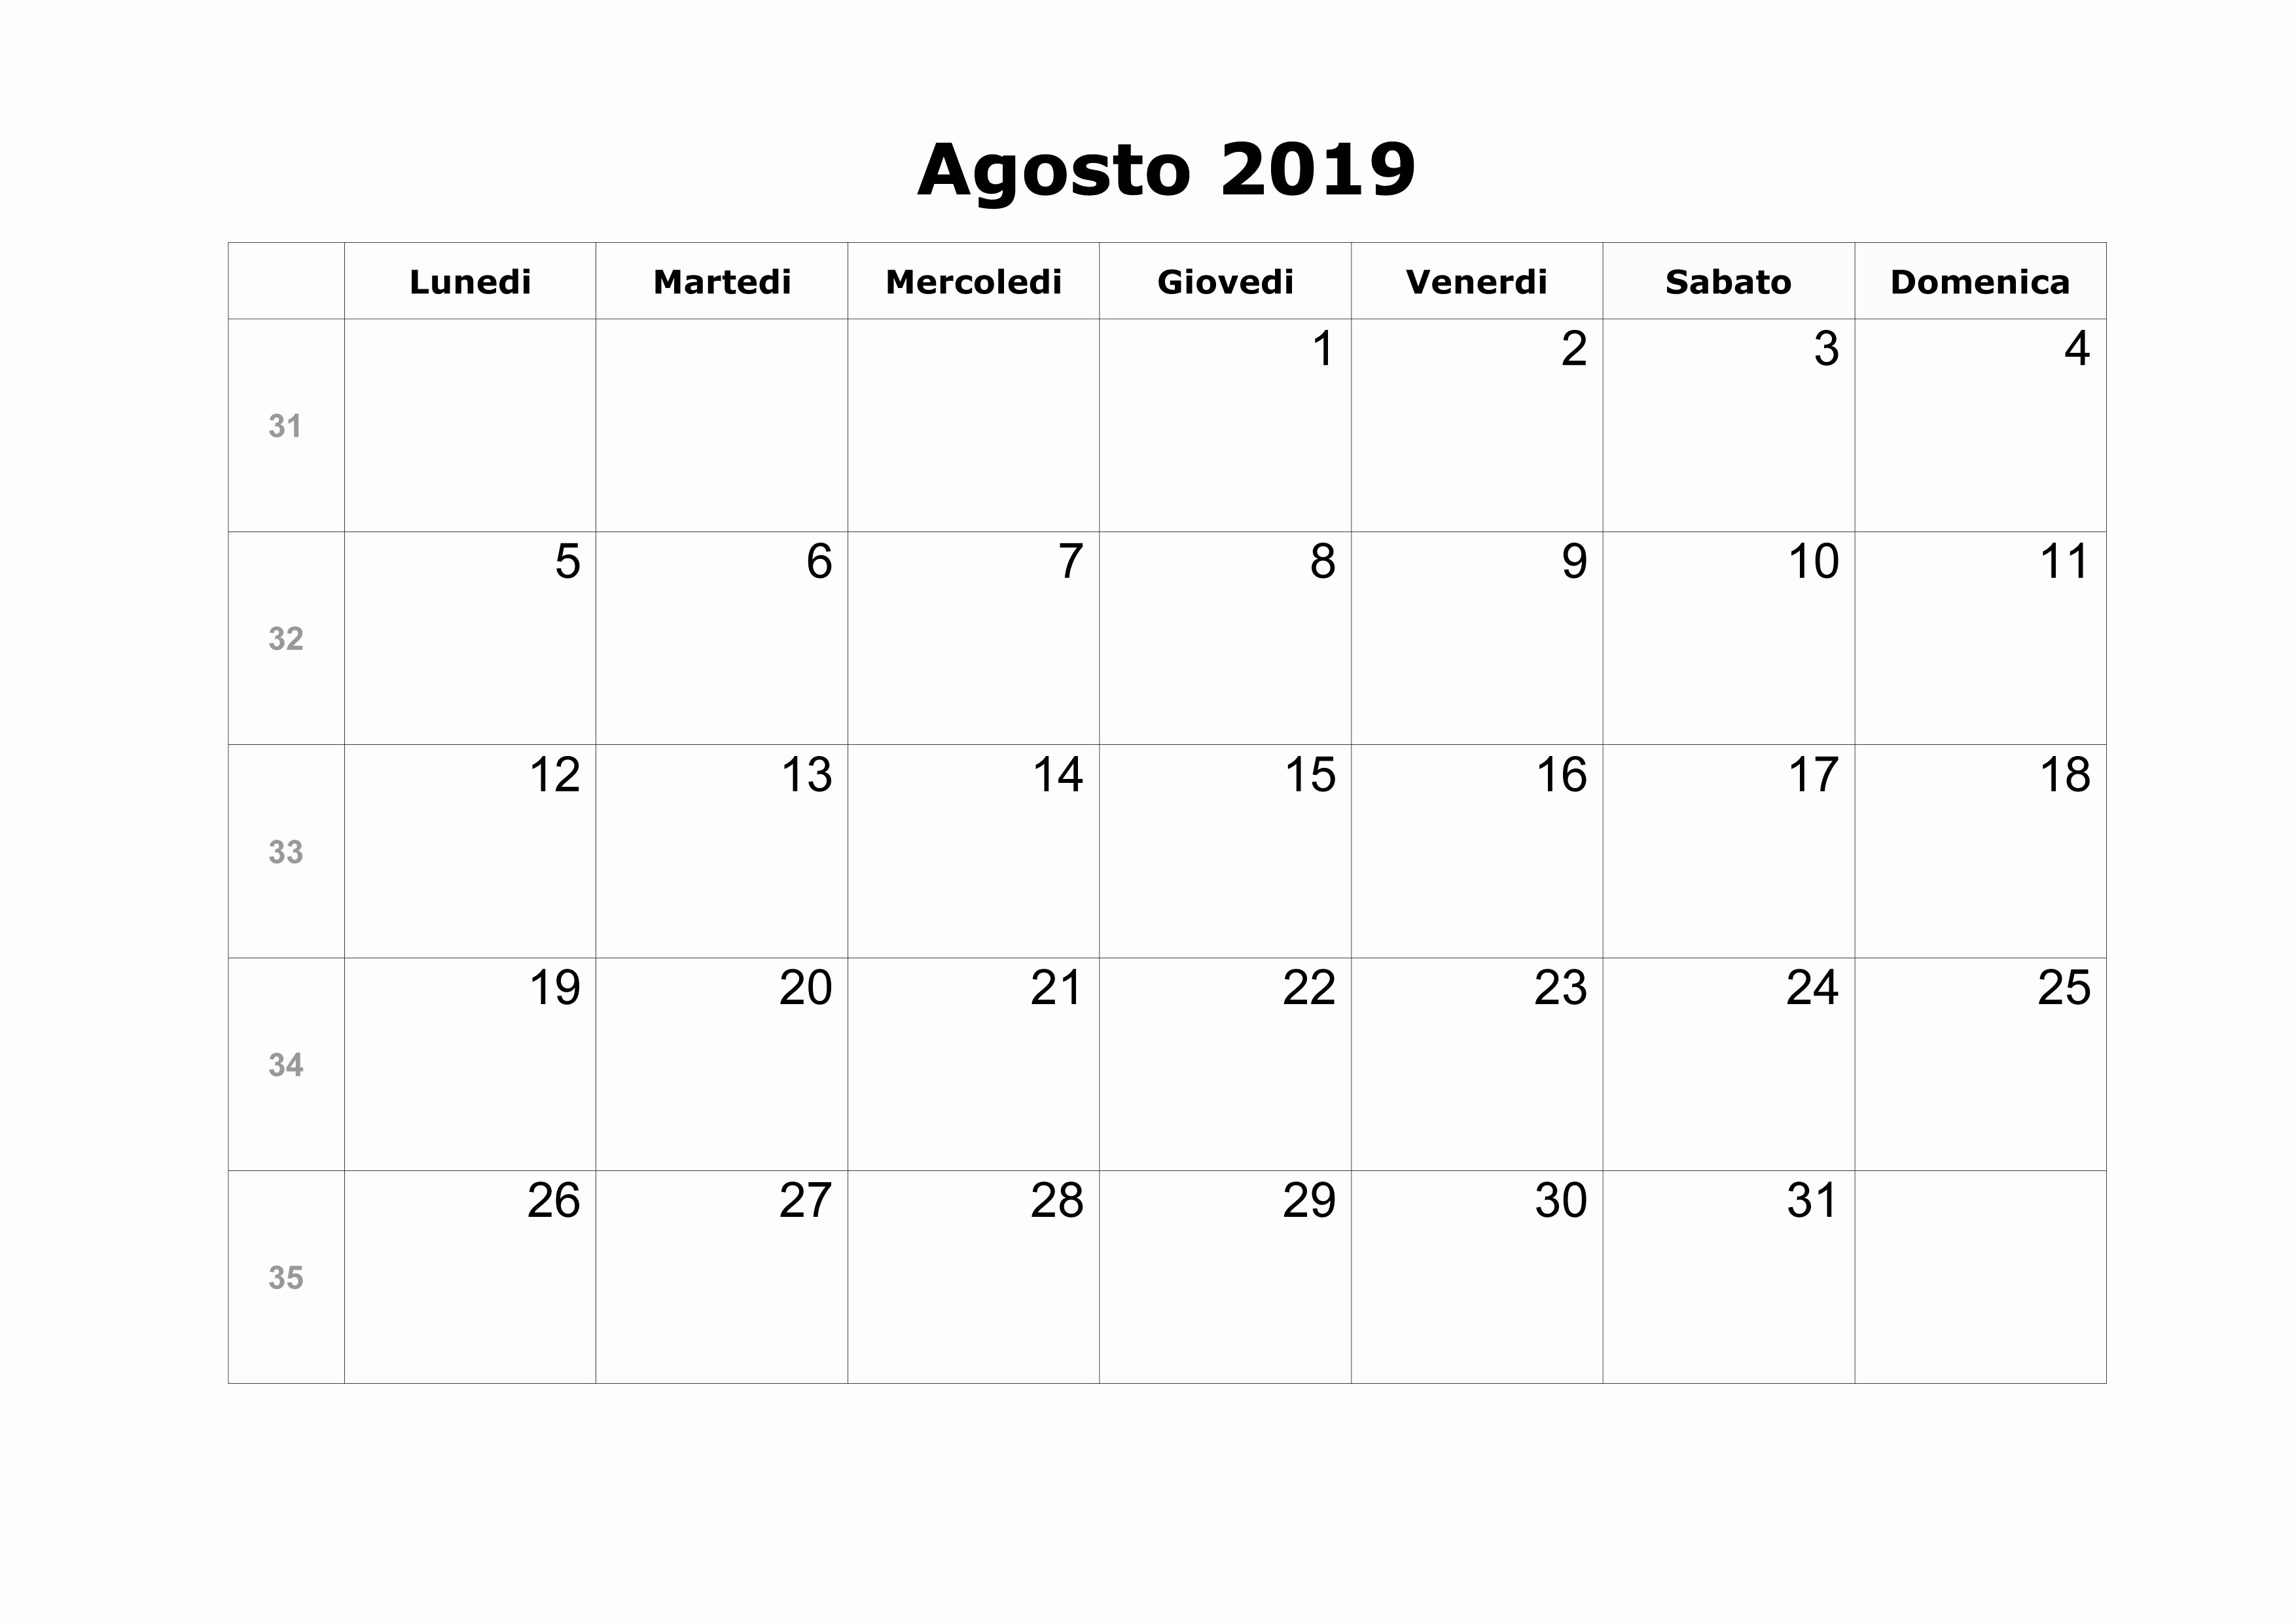 Calendario 2019 Mes Agosto Más Recientes Inspiraci³n 40 Ejemplo Agisto 2019 Of Calendario 2019 Mes Agosto Recientes Boe Documento Boe A 2016 5551